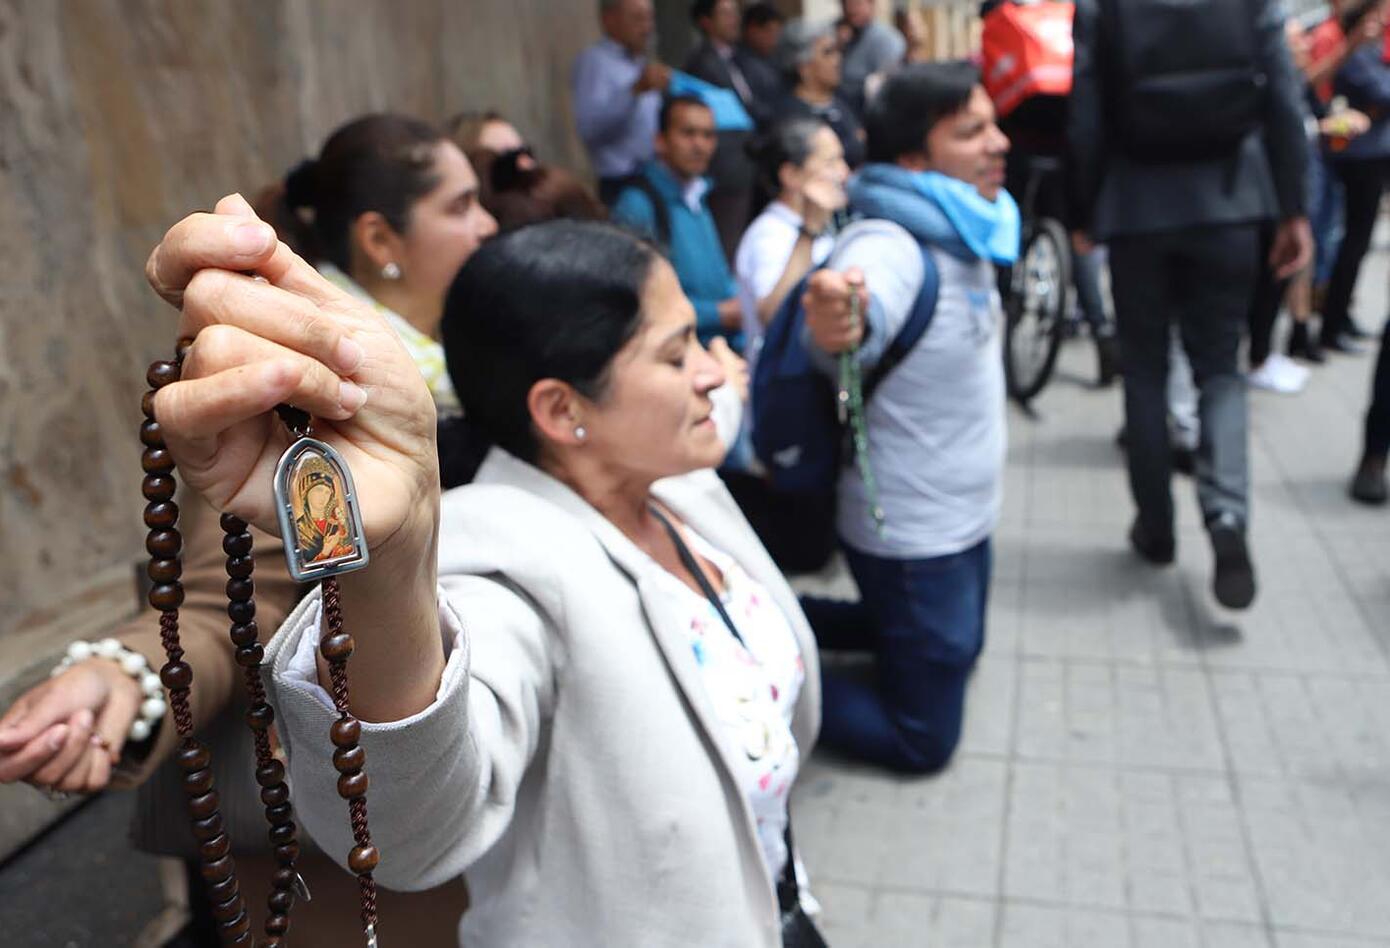 La ley en Colombia autoriza el aborto por tres causales: si la vida de la madre está en riesgo; si el feto tiene una malformación genética o si el embarazo es resultado de una violación.